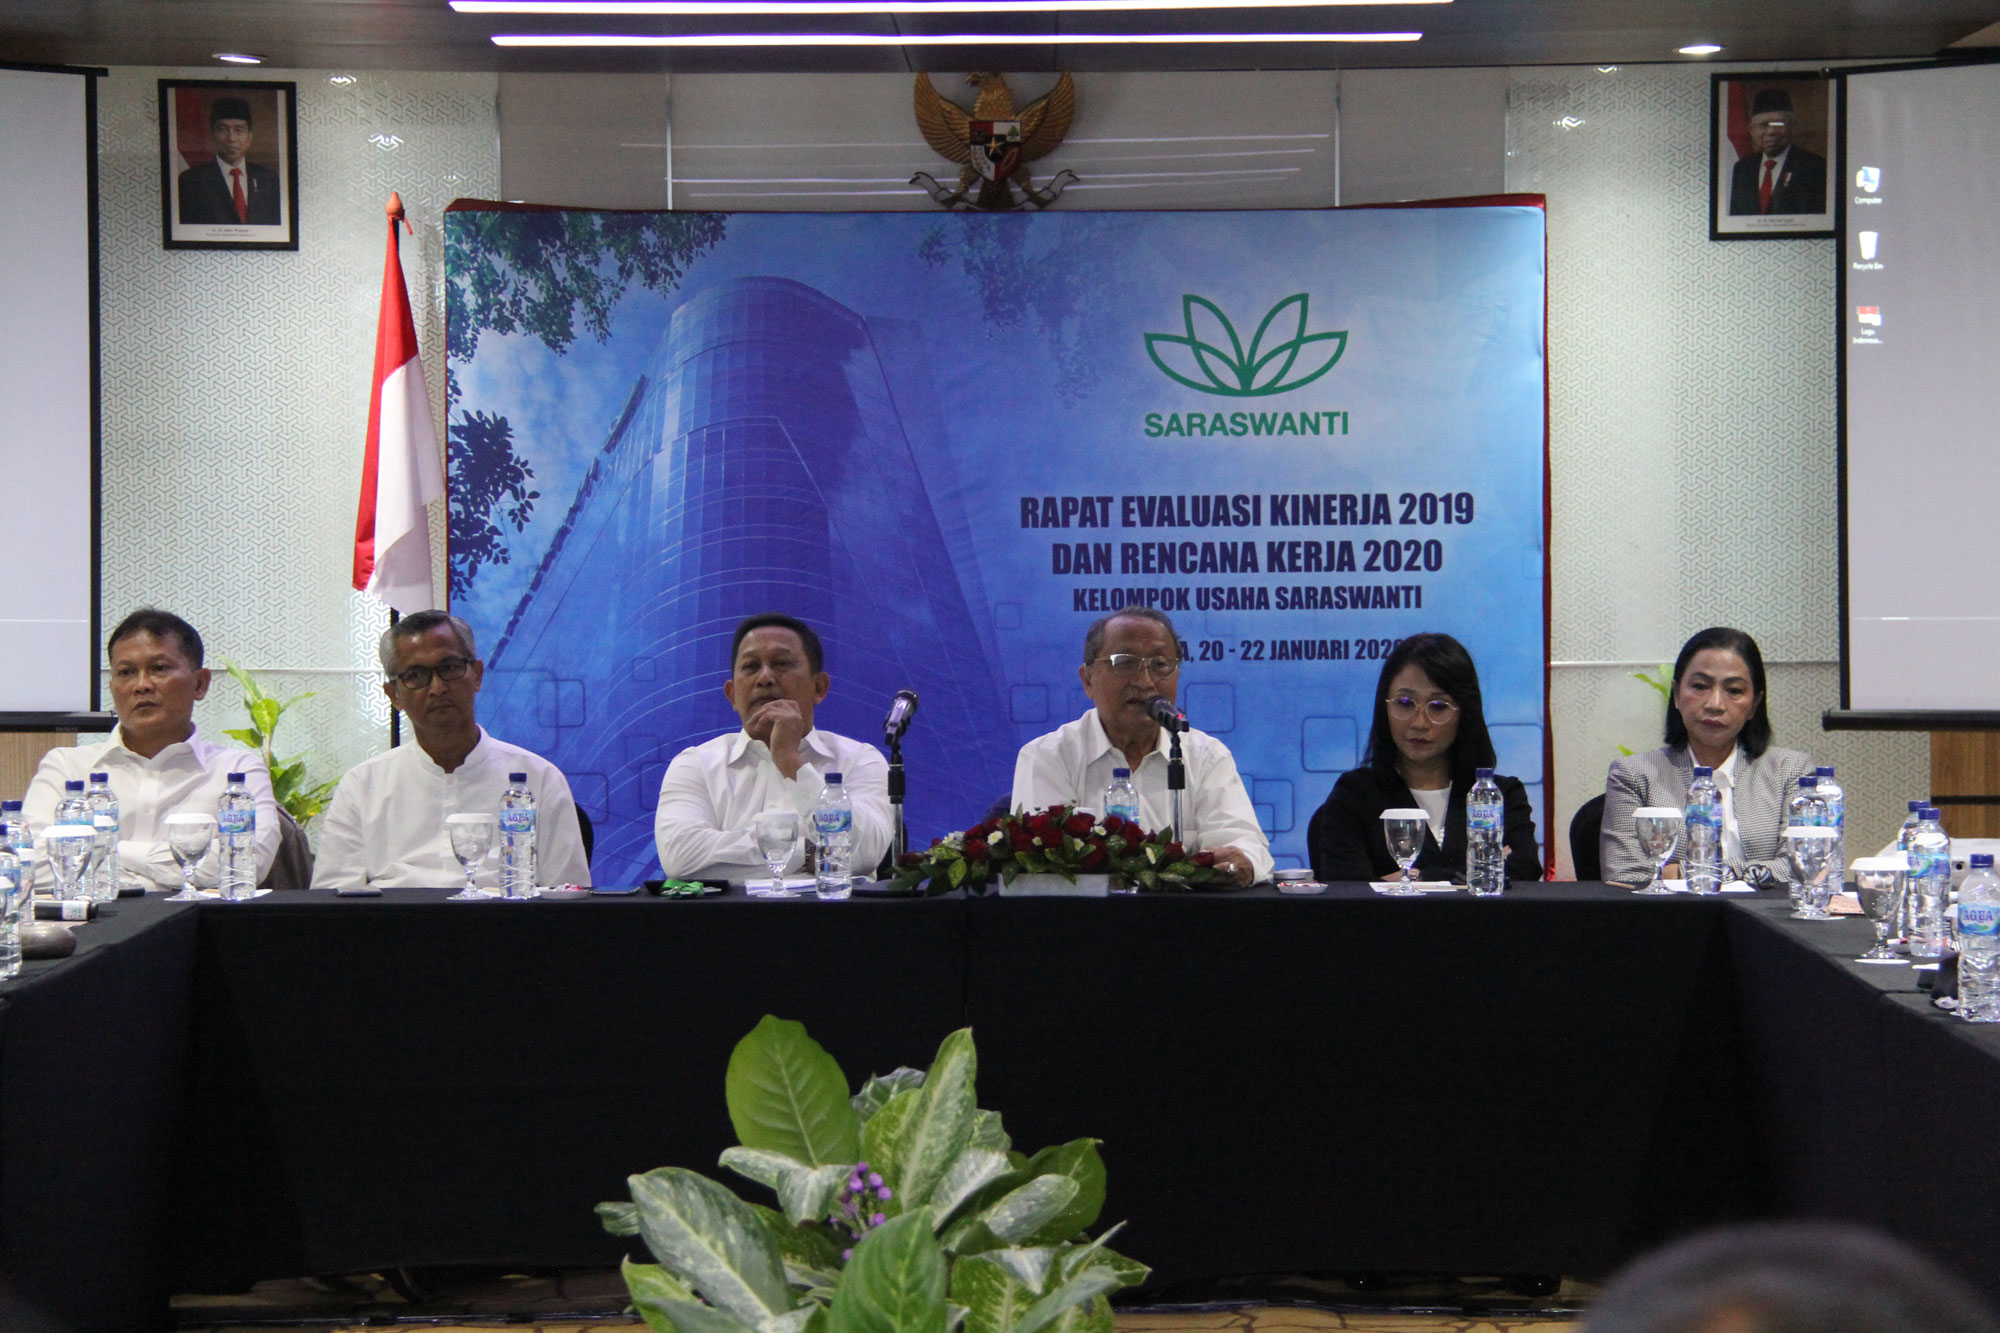 Saraswanti Group Rapat Evaluasi Kinerja 2019 Rencana Kerja 2020 02